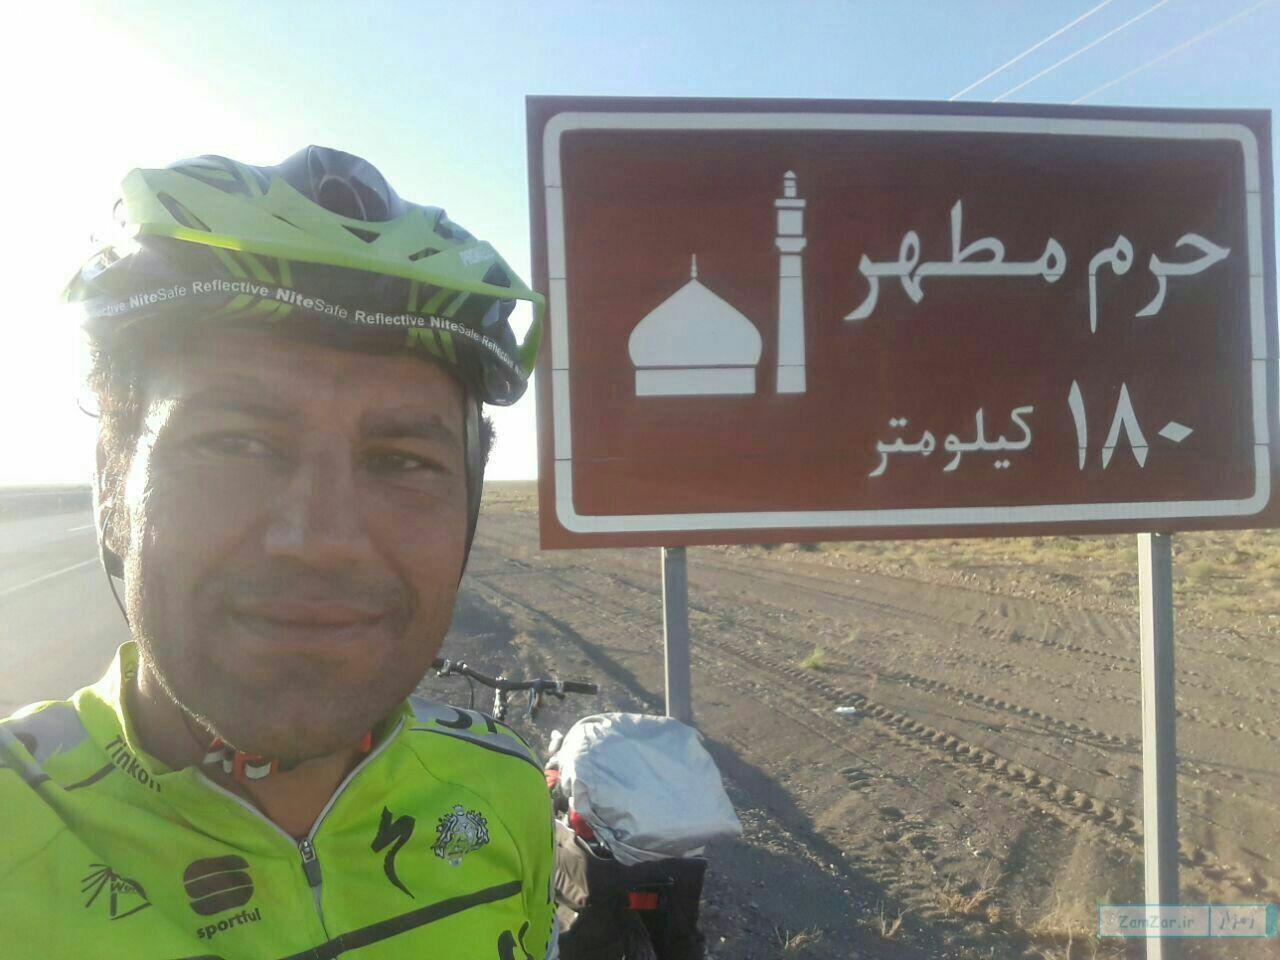 رکاب زنی غلامرضا رفیعی (دوچرخه سوار کرکوندی) تا مشهدالرضا(ع) بمناسبت دهه کرامت